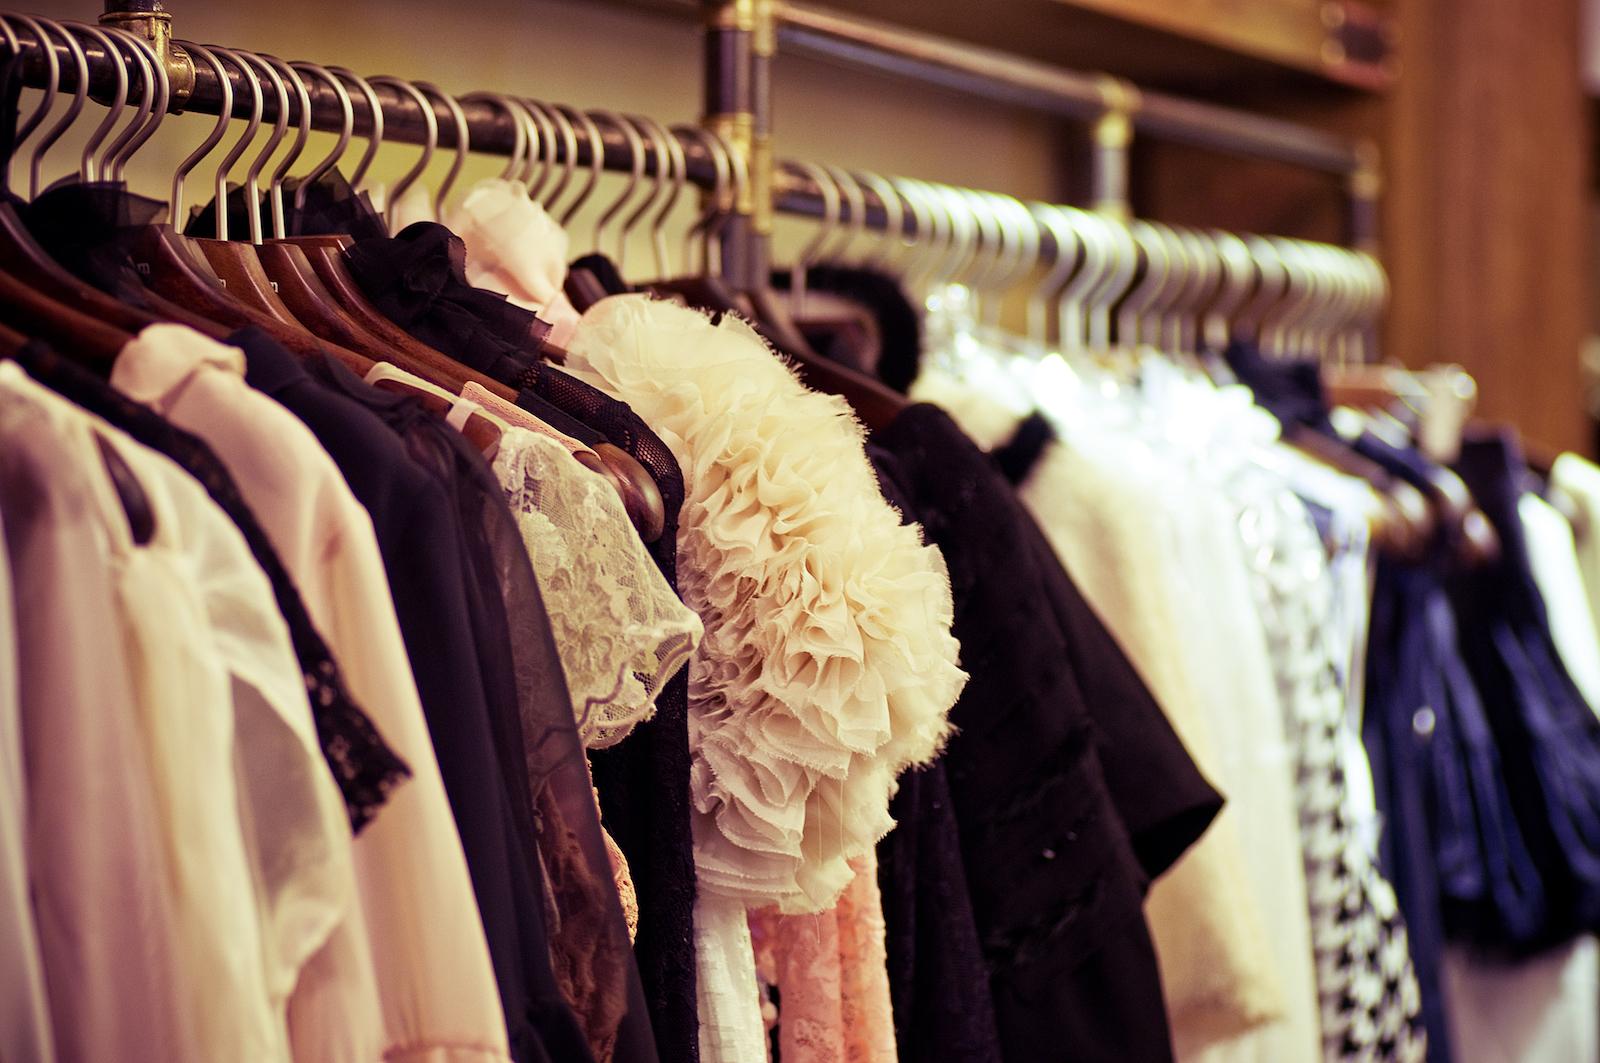 По красоте: мода, стиль и здоровье